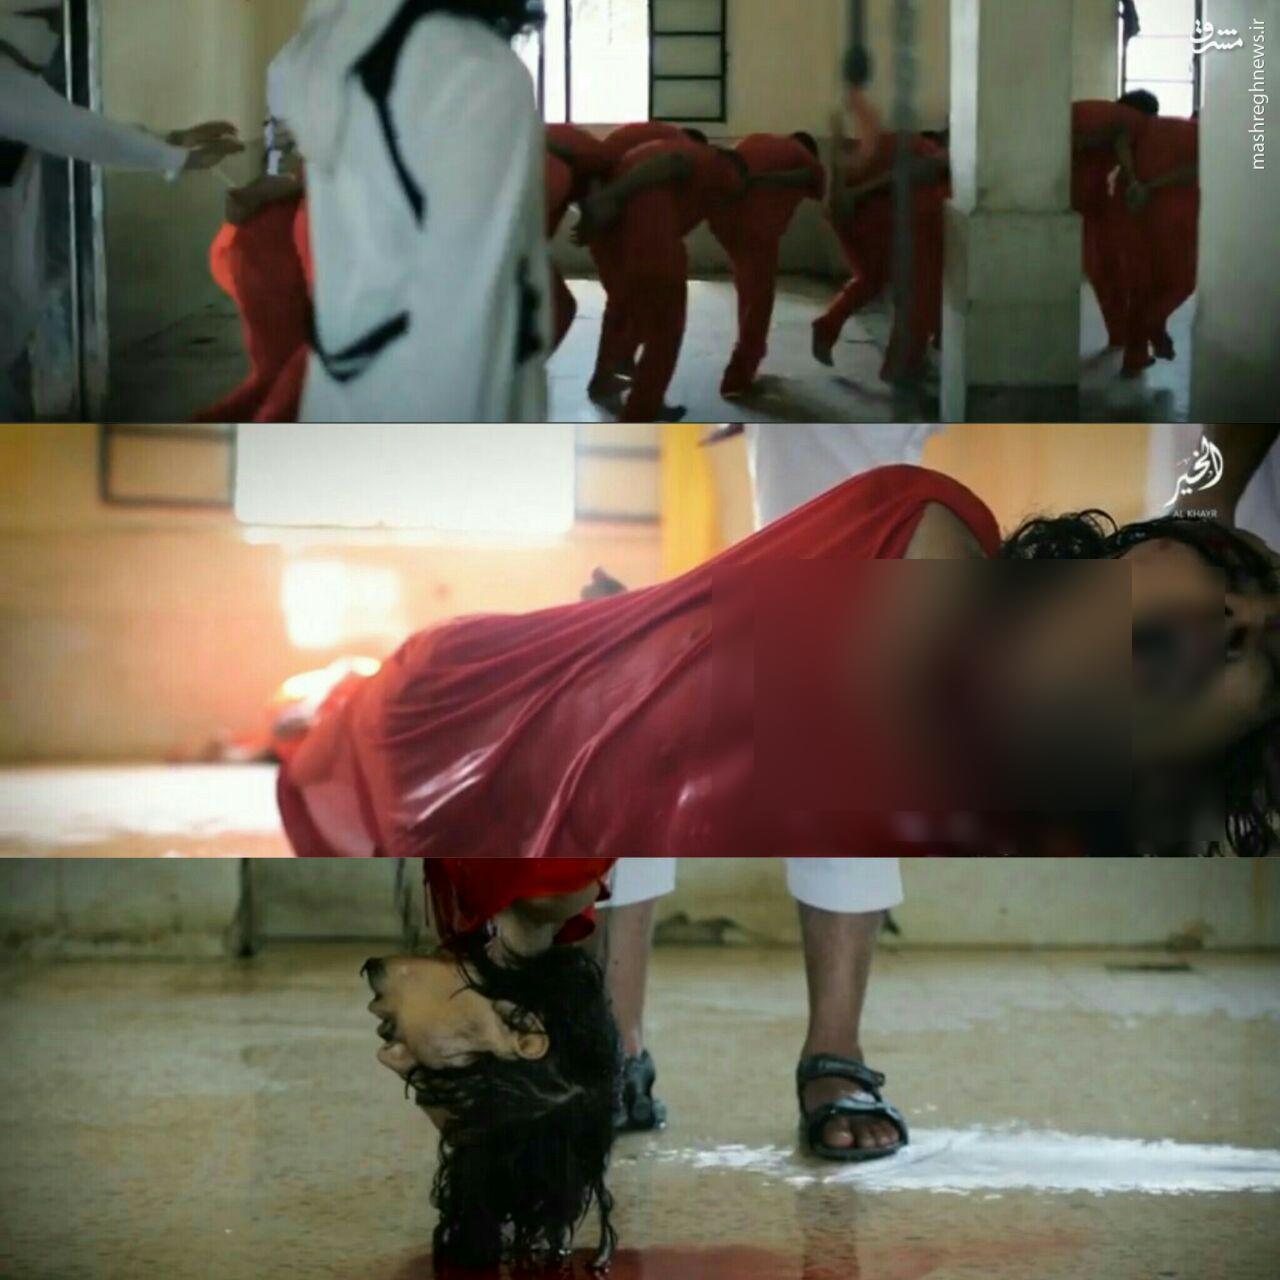 داعش 12 نفر را سلاخی کرد+عکس 18+